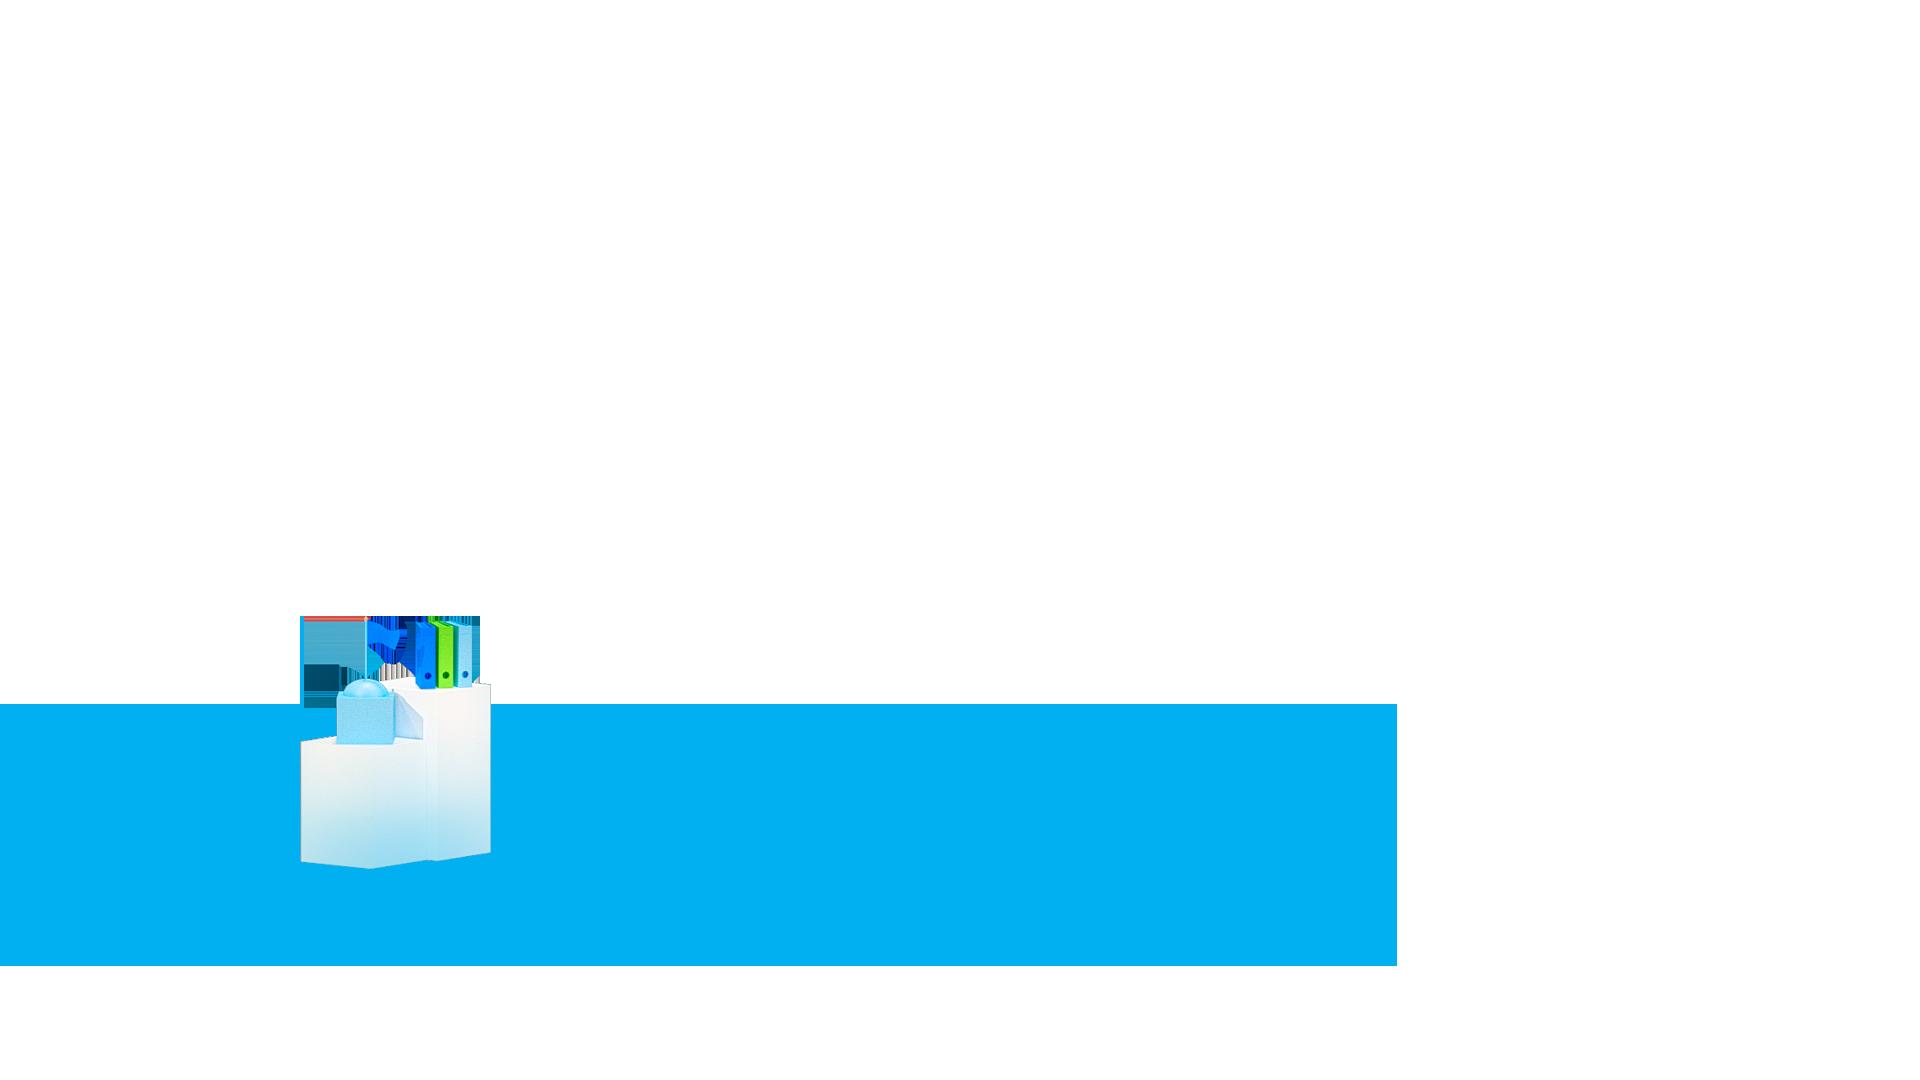 Stele Projektbeschreibung